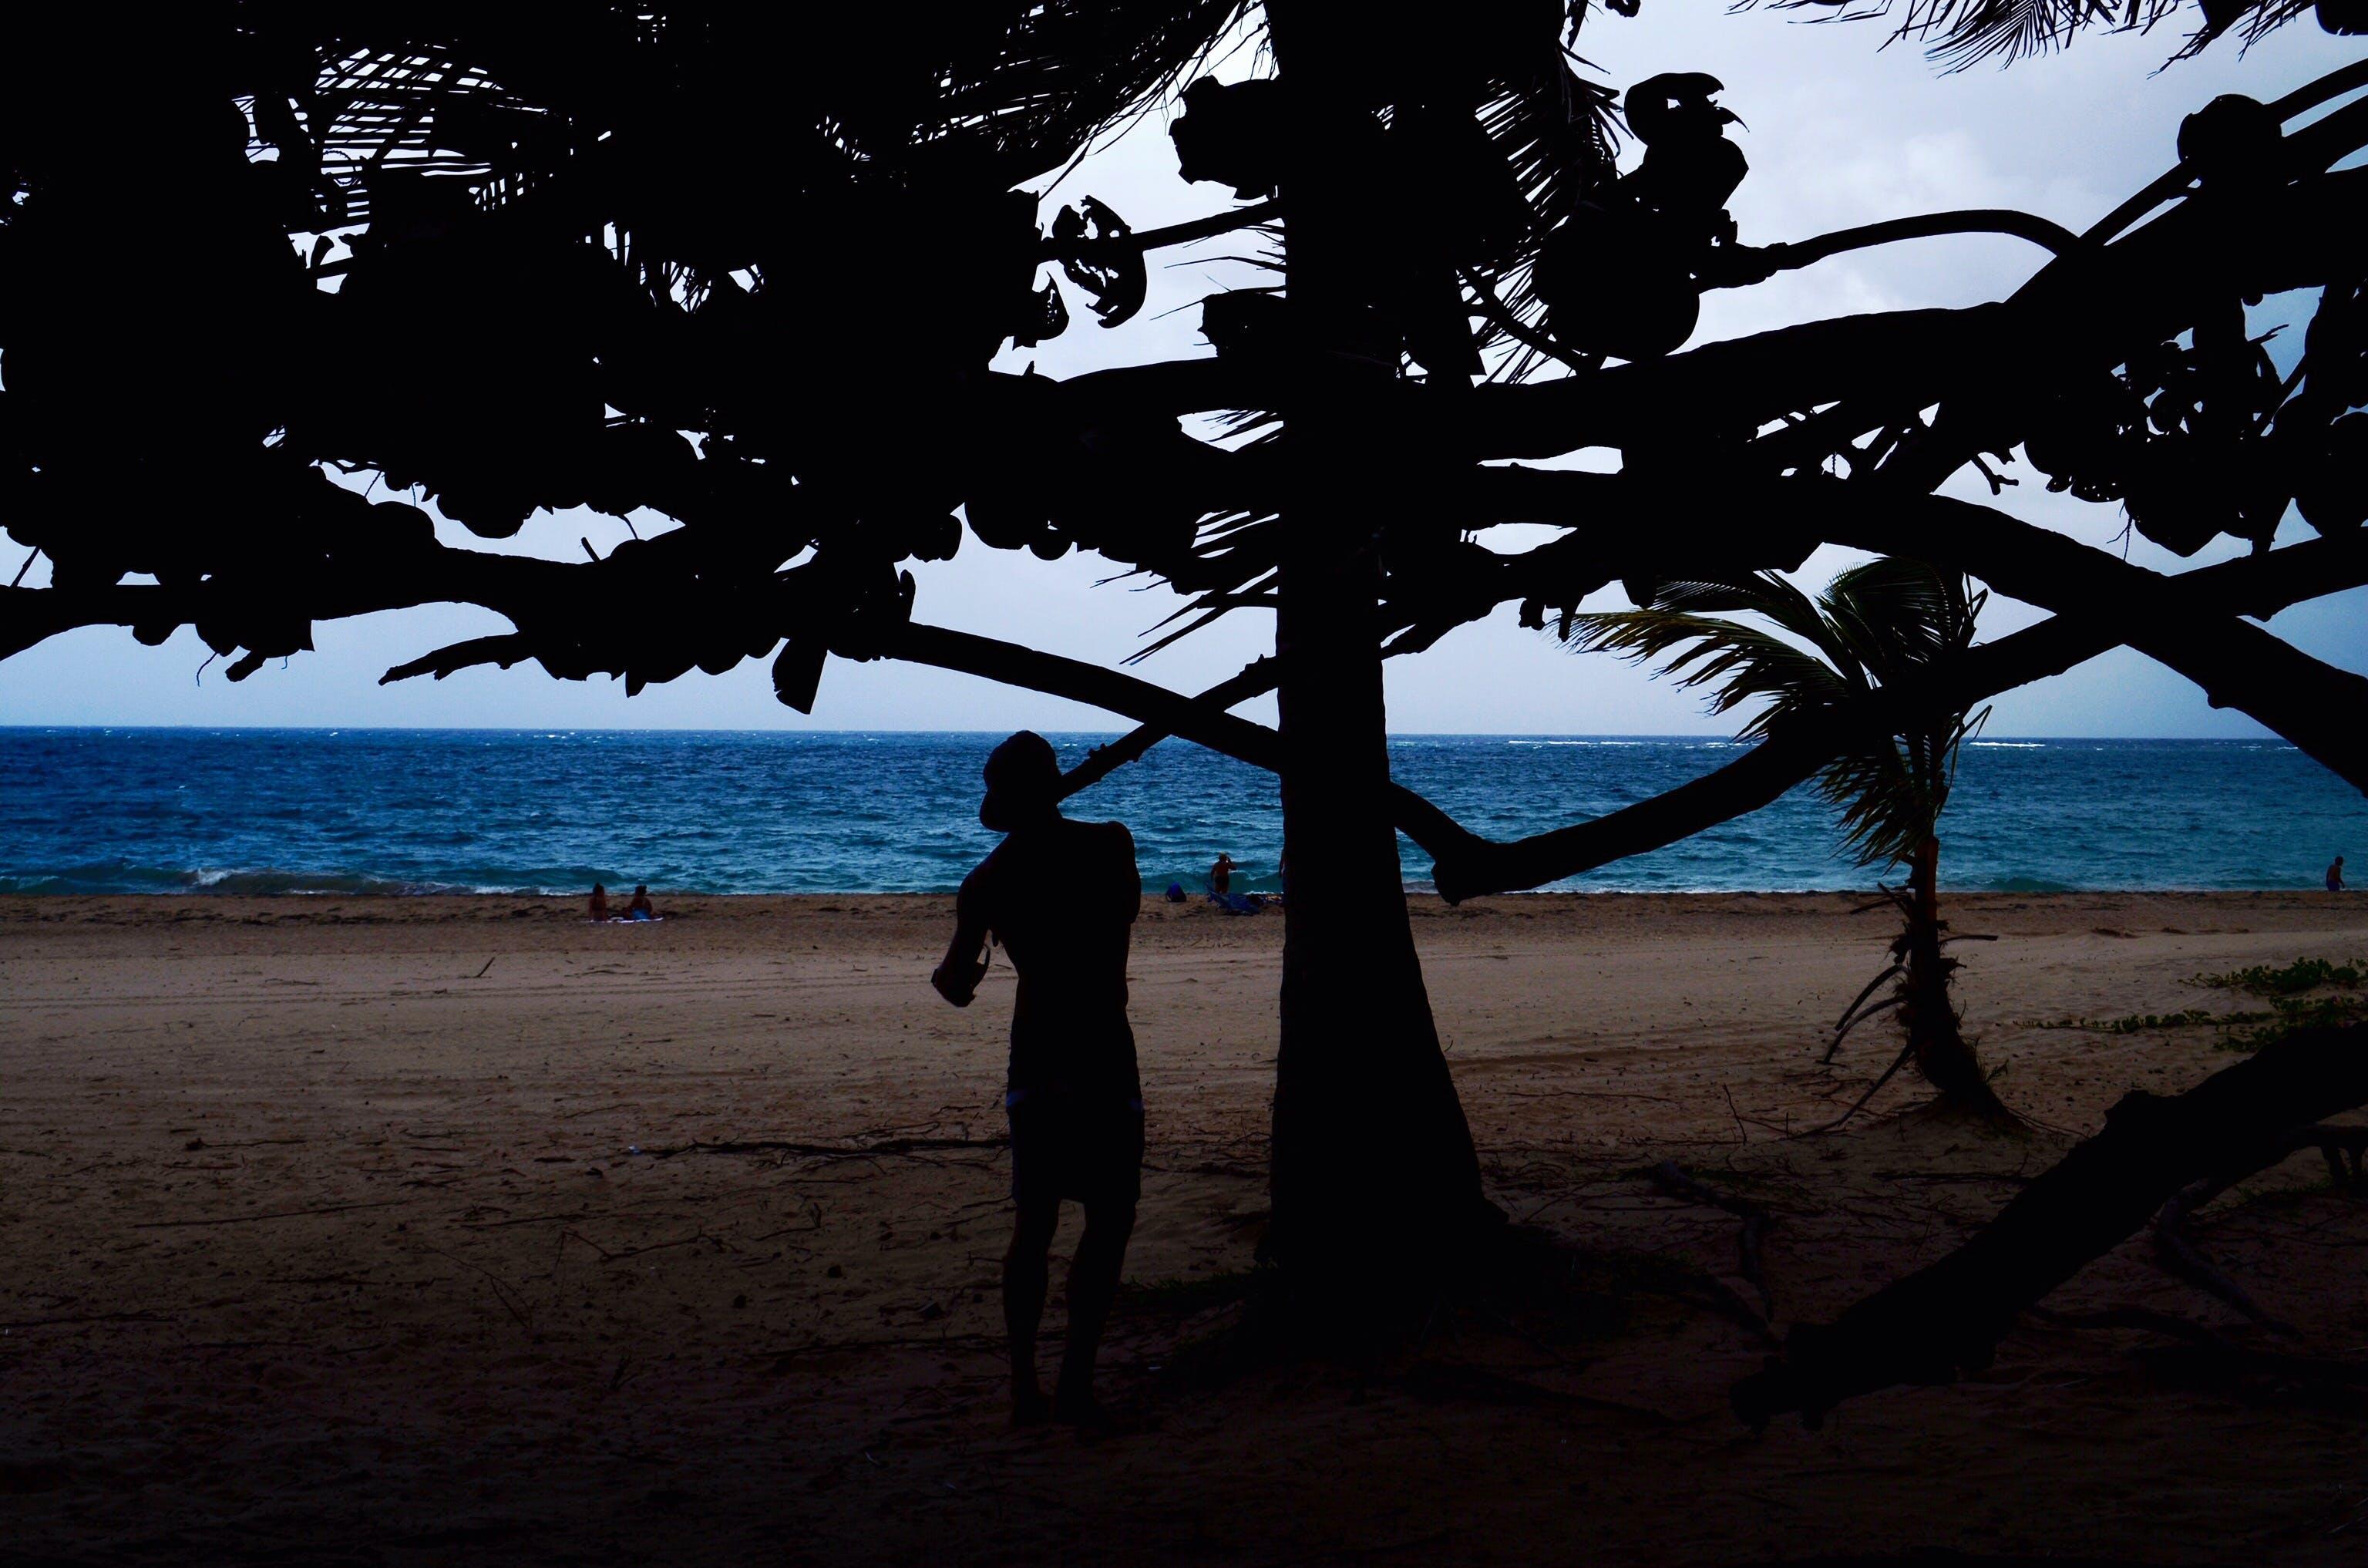 Silhouette Of Man Beside Tree Near Seashore